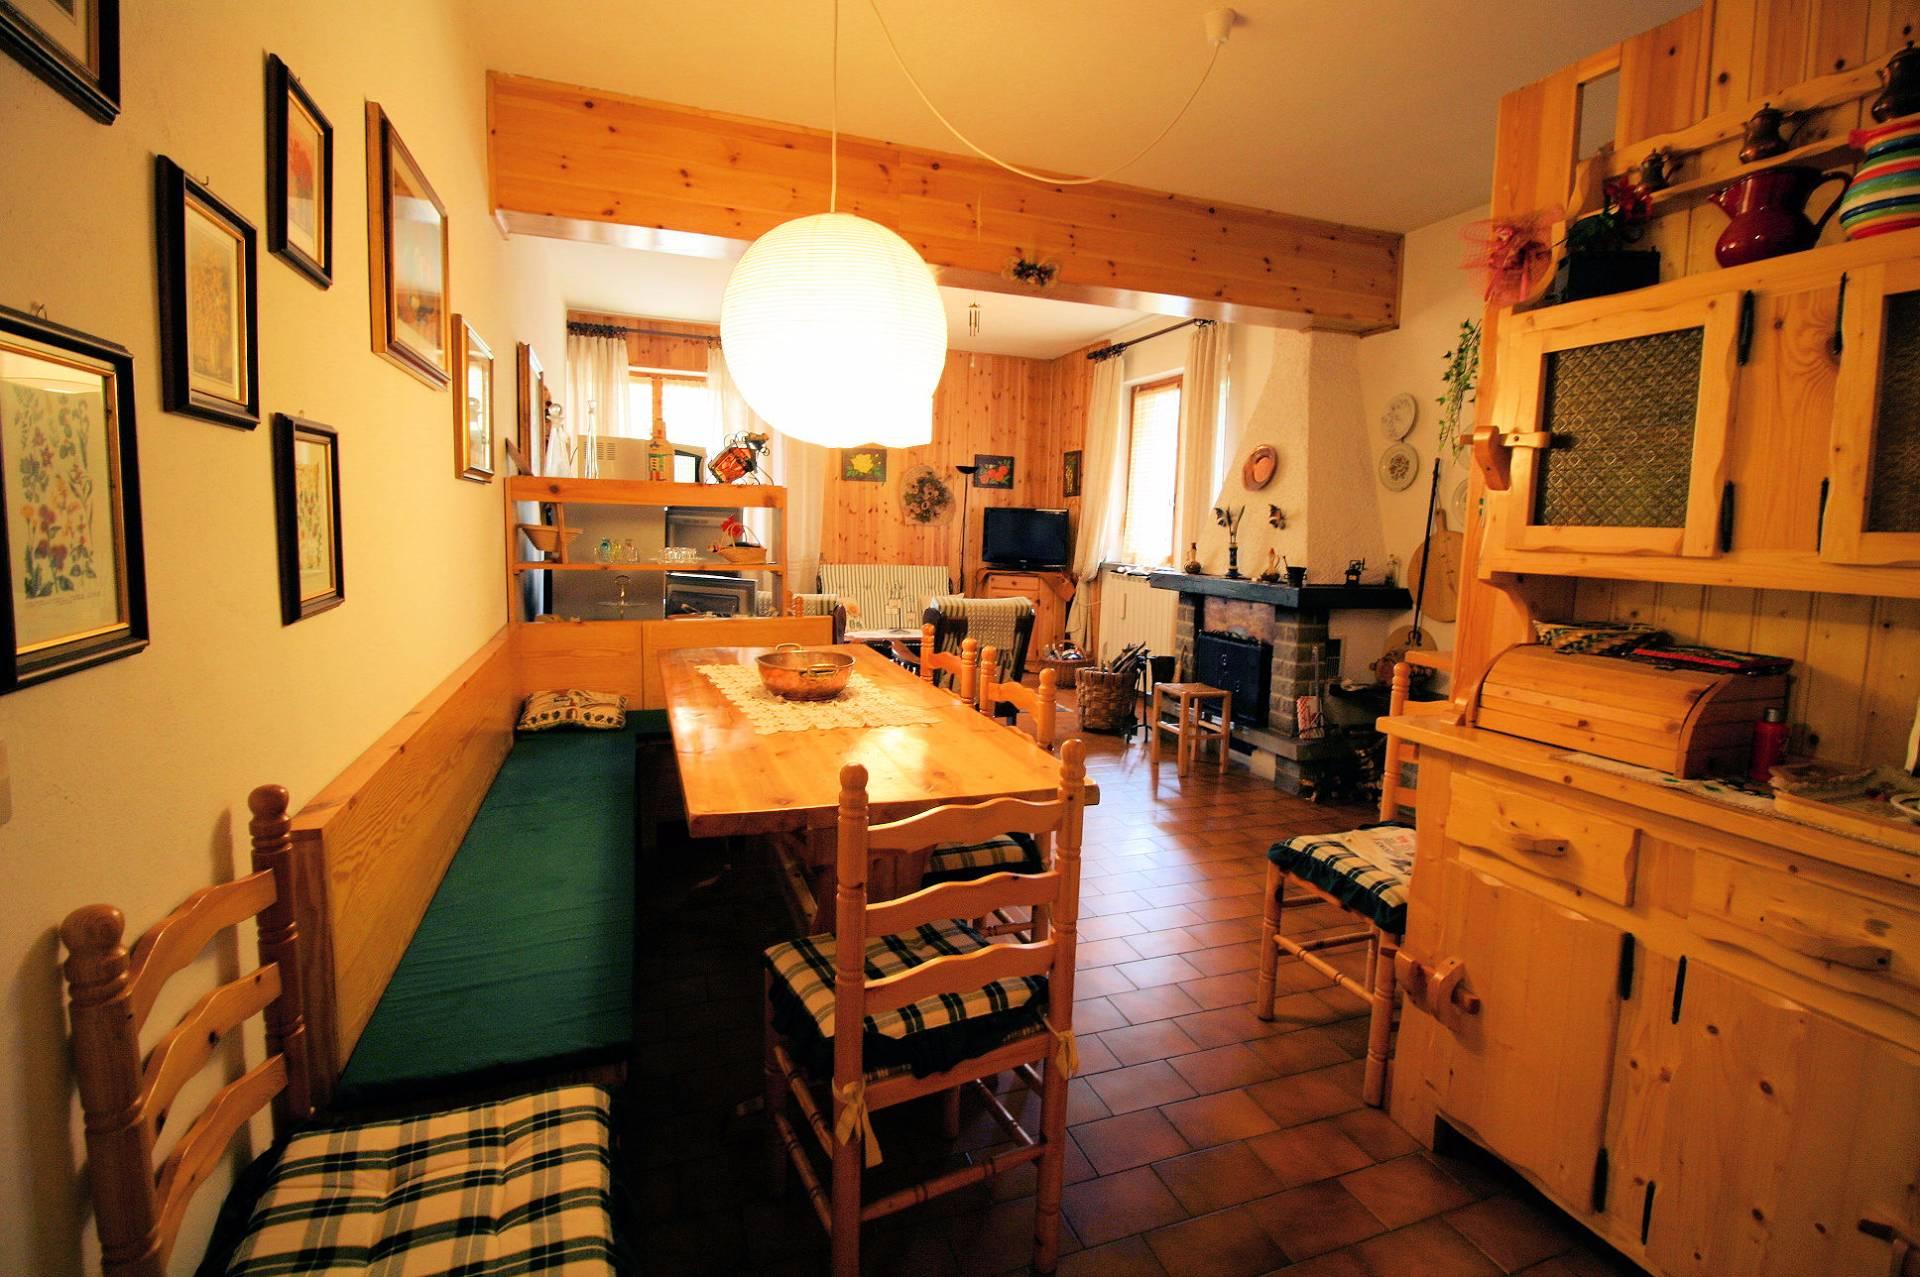 149-Appartamento al piano terra-Fiumalbo-1 Agenzia Immobiliare ASIP